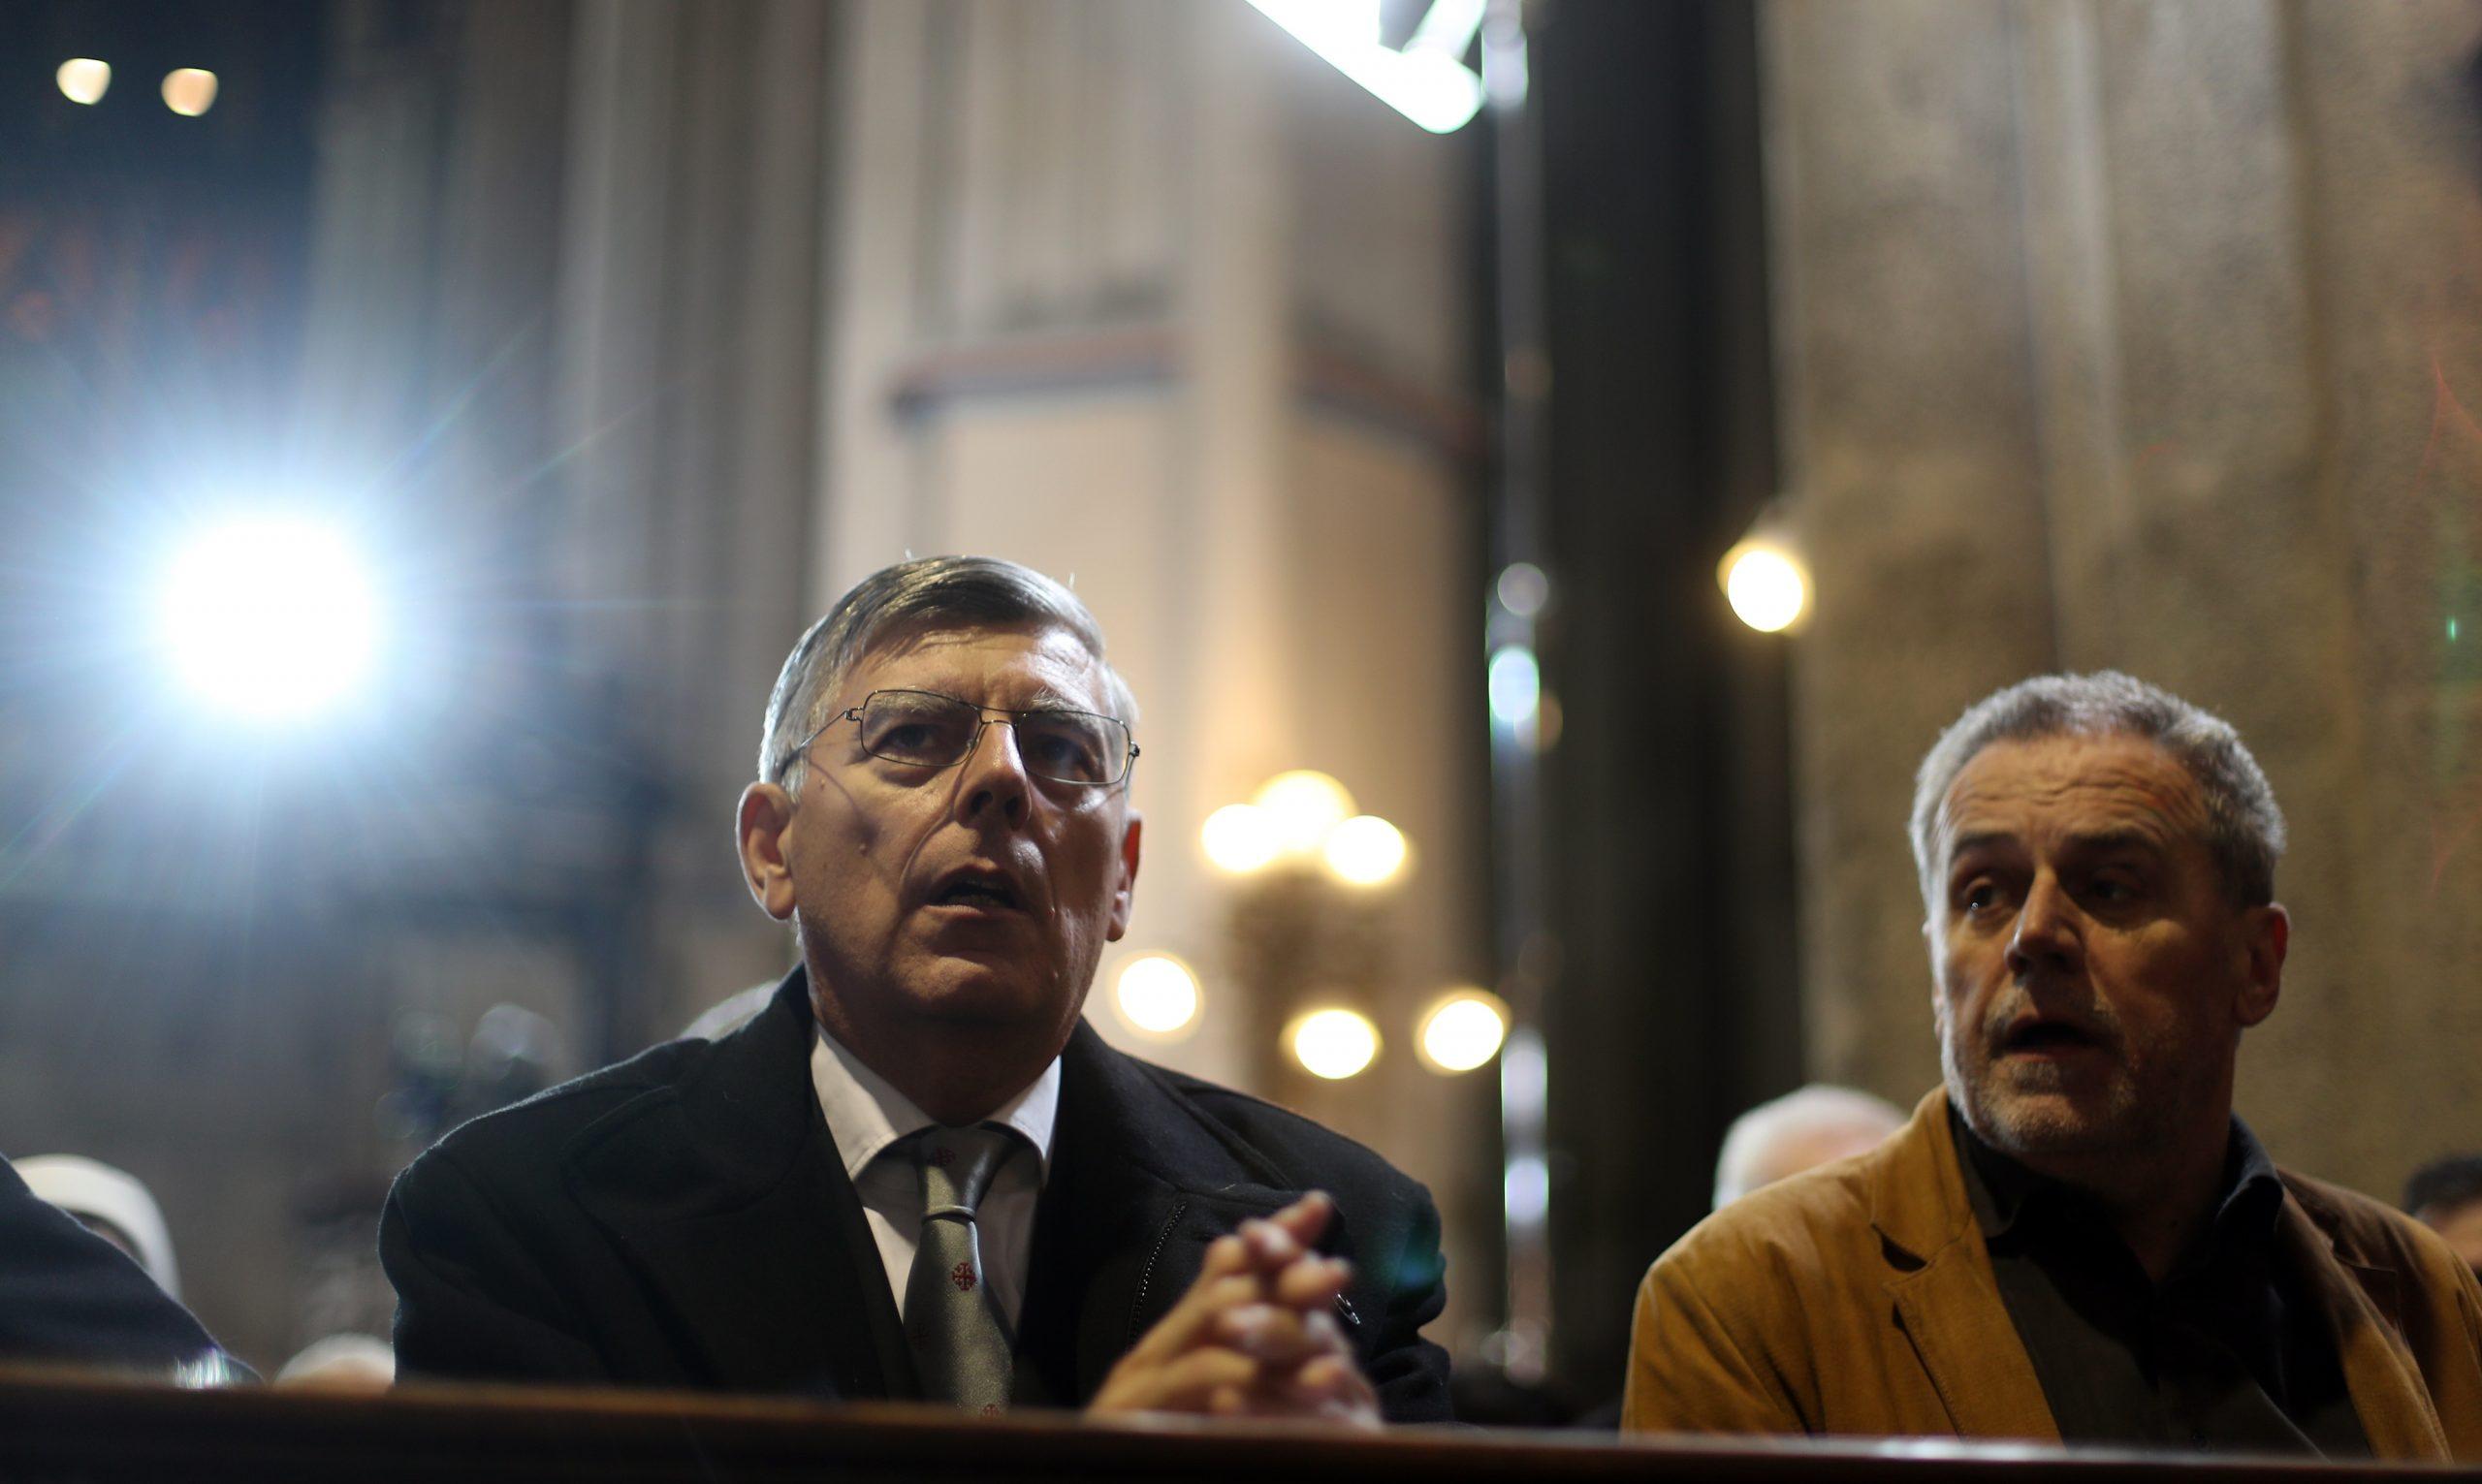 Kolege iz koalicije, Željko Reiner i Milan Bandić, u crkvenim klupama, foto: Slavko Midzor/PIXSELL